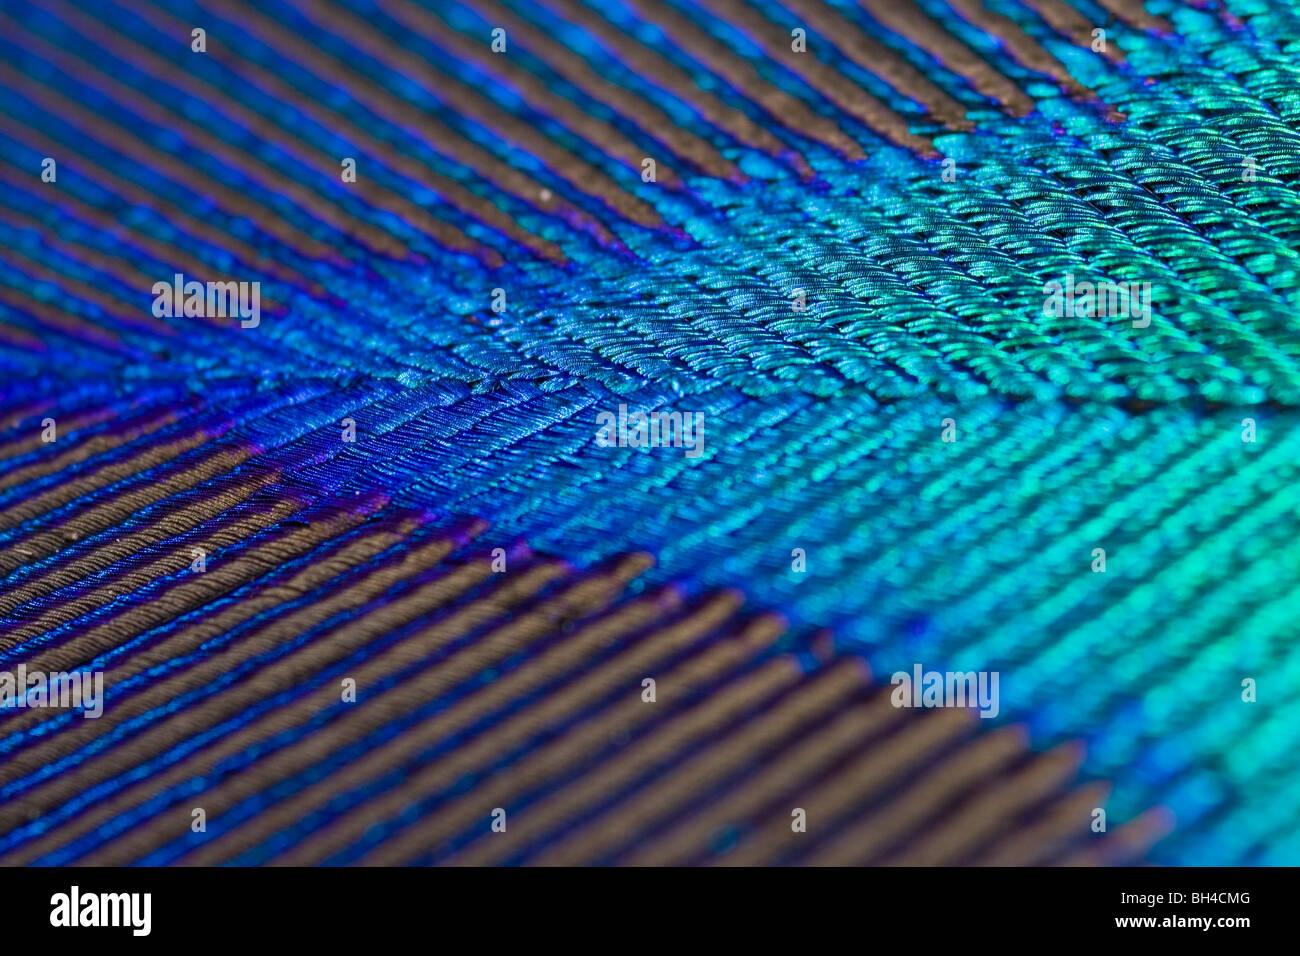 Una macro en forma de V de la composición de un verde-azul iridiscente plumaje de pavo real. Foto de stock